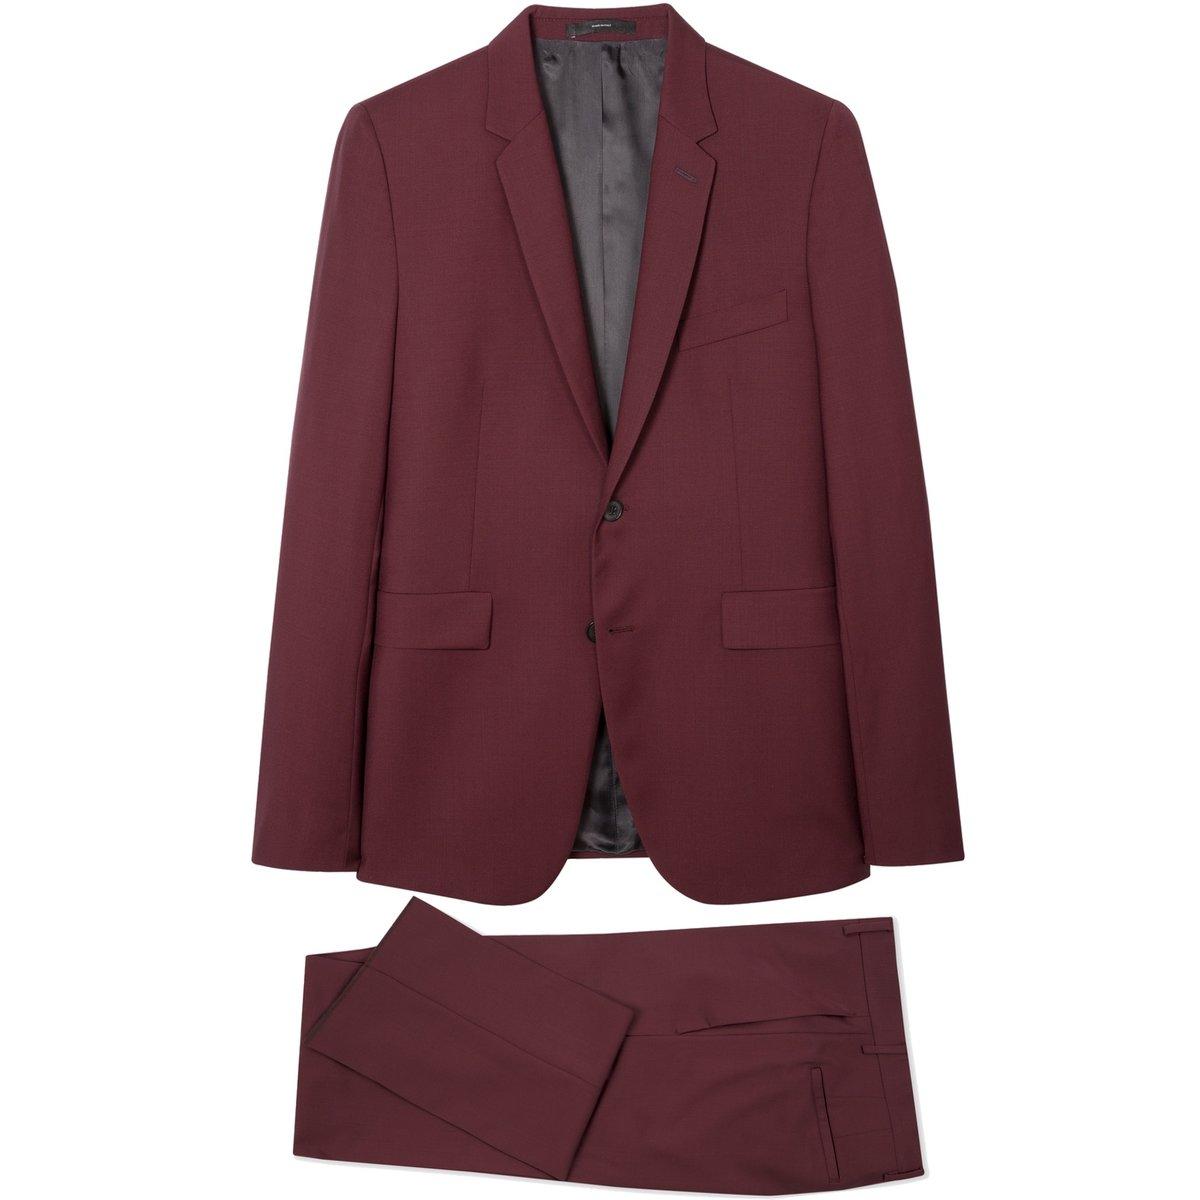 Paul Smith Kensington Slim Fit Wool Mohair Suit Dark Burgundy.jpg